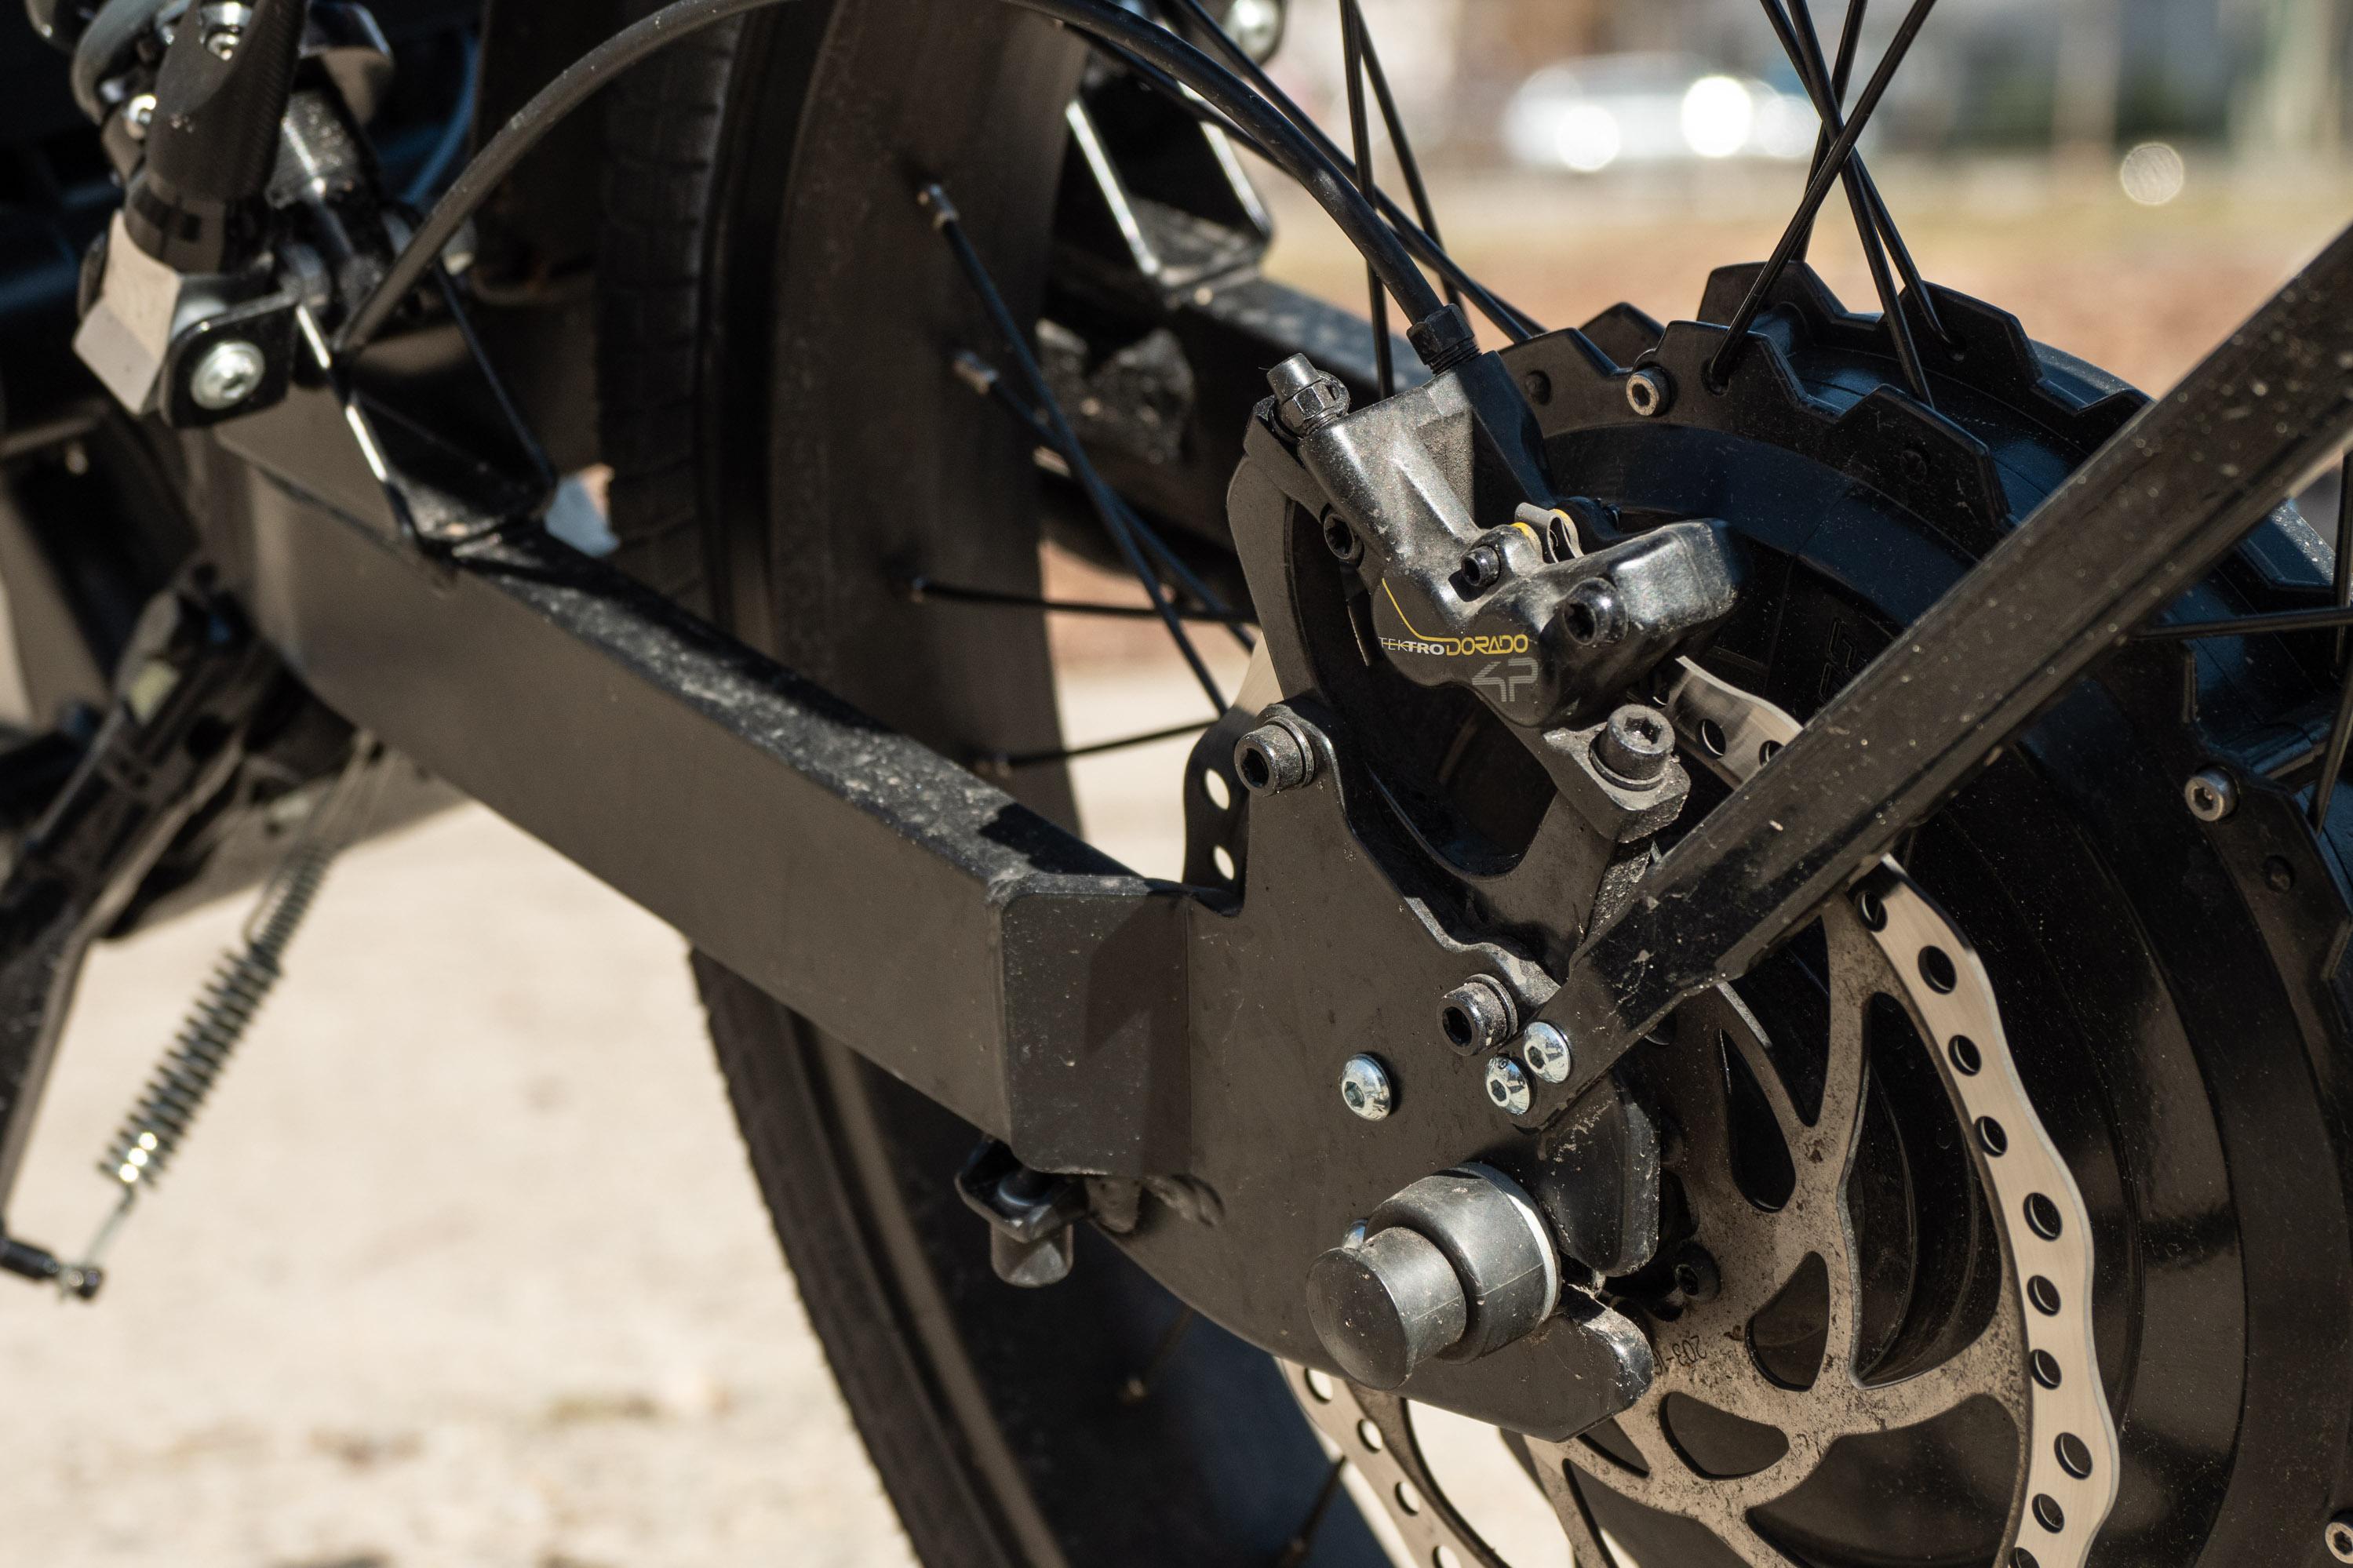 Govecs Elmoto Loop im Test: Enduro-Look statt Schwalben-Nostalgie - Der Motor hat eine Leistung von maximal 2.000 Watt. (Bild: Martin Wolf/Golem.de)